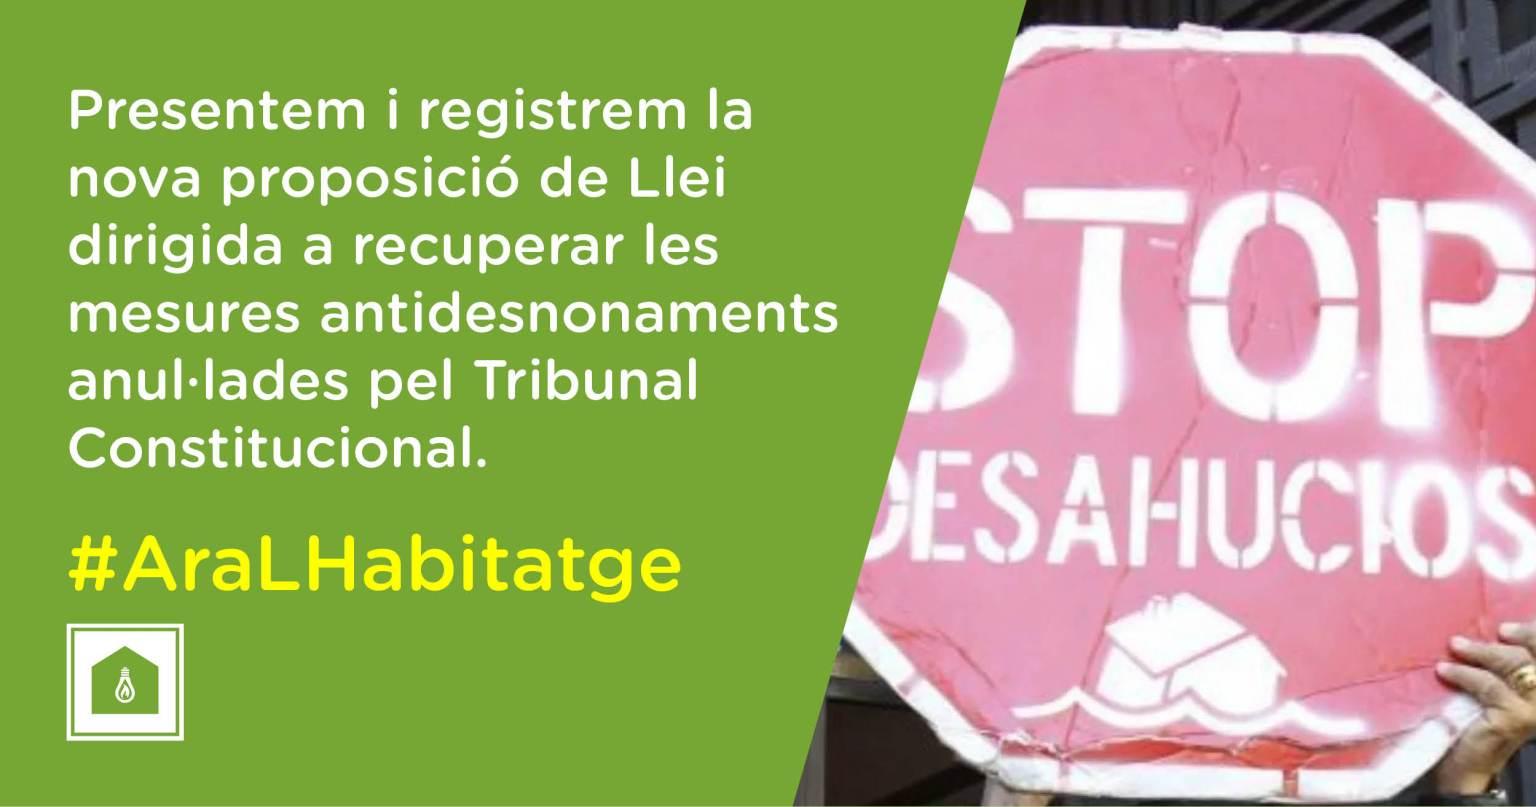 Presentamos y registramos la nueva proposición de Ley dirigida a recuperar las medidas antidesahucios anuladas por el Tribunal Constitucional.